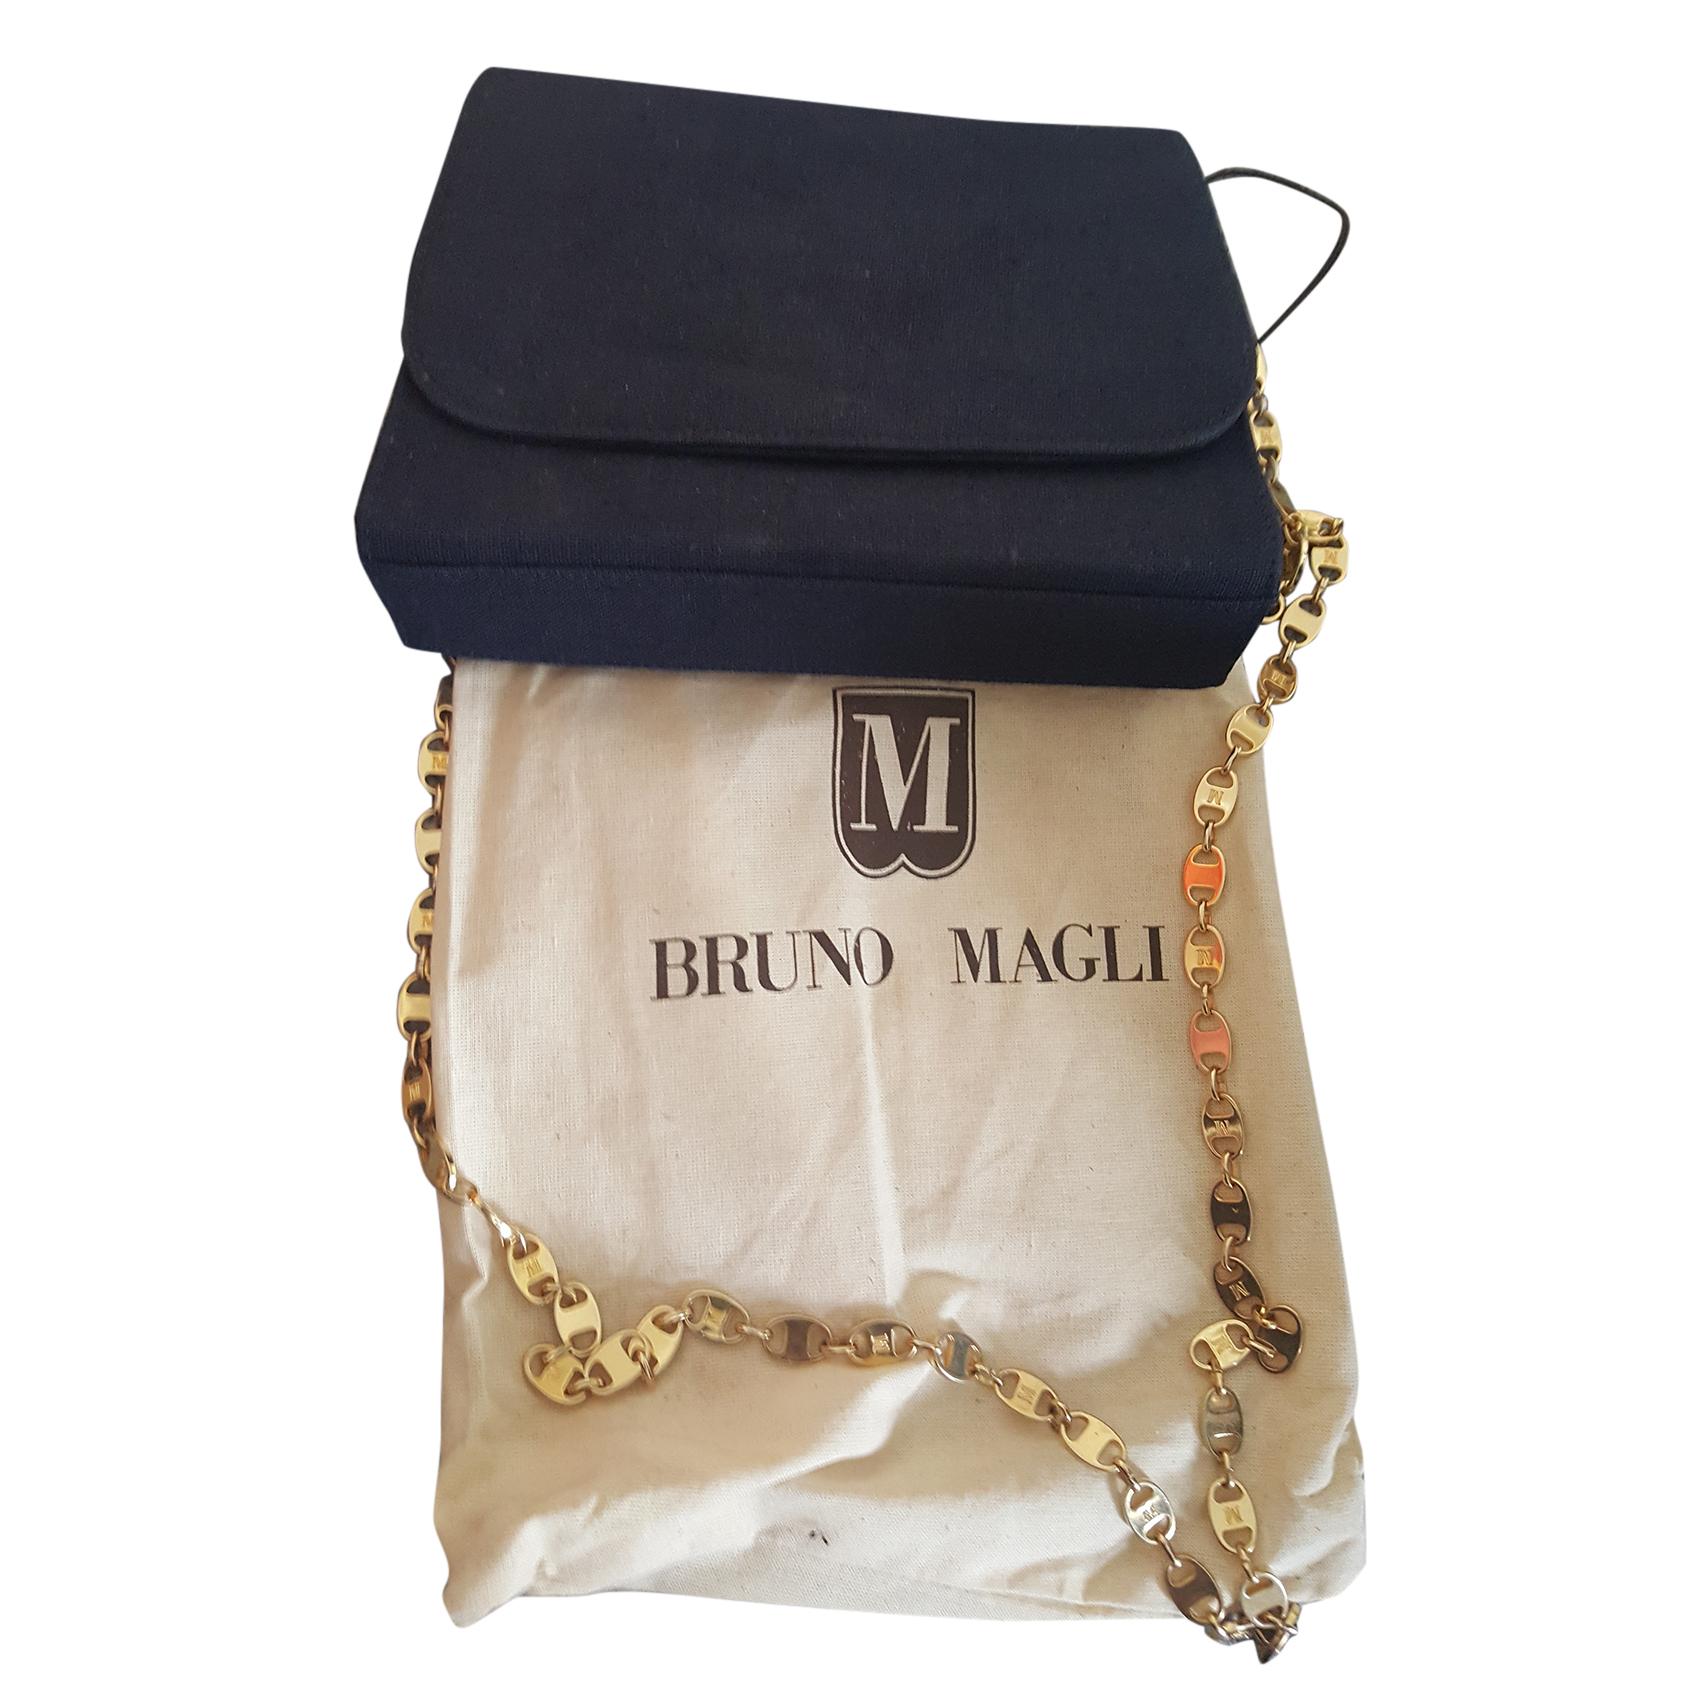 Bruno Magli vintage bag